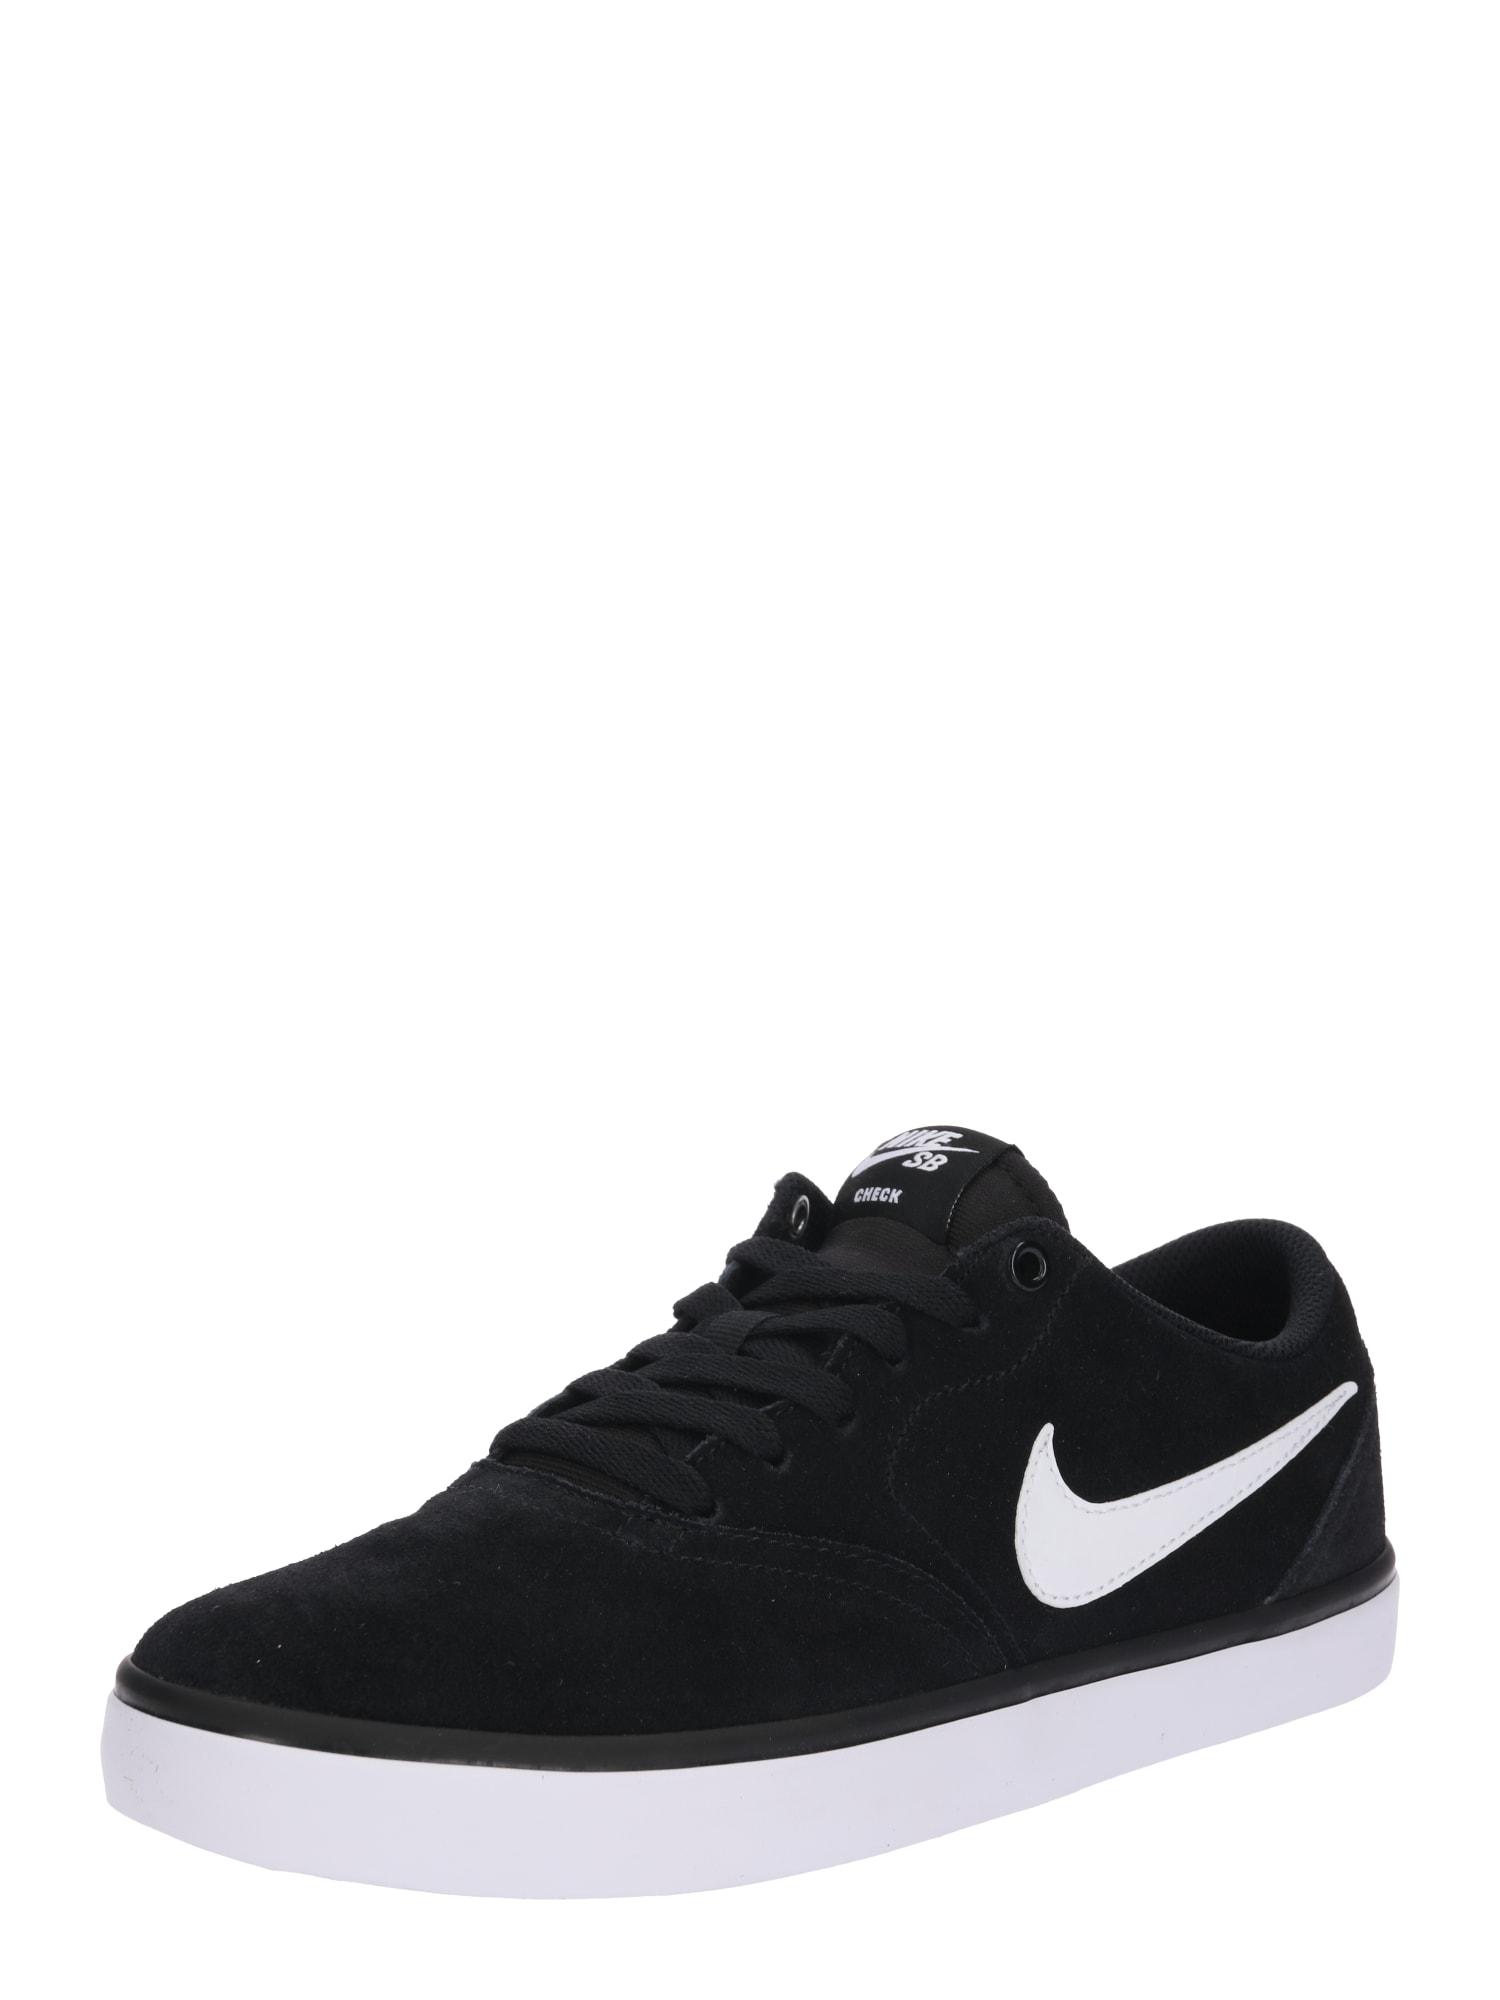 Tenisky SB Check Solarsoft Skate černá Nike SB